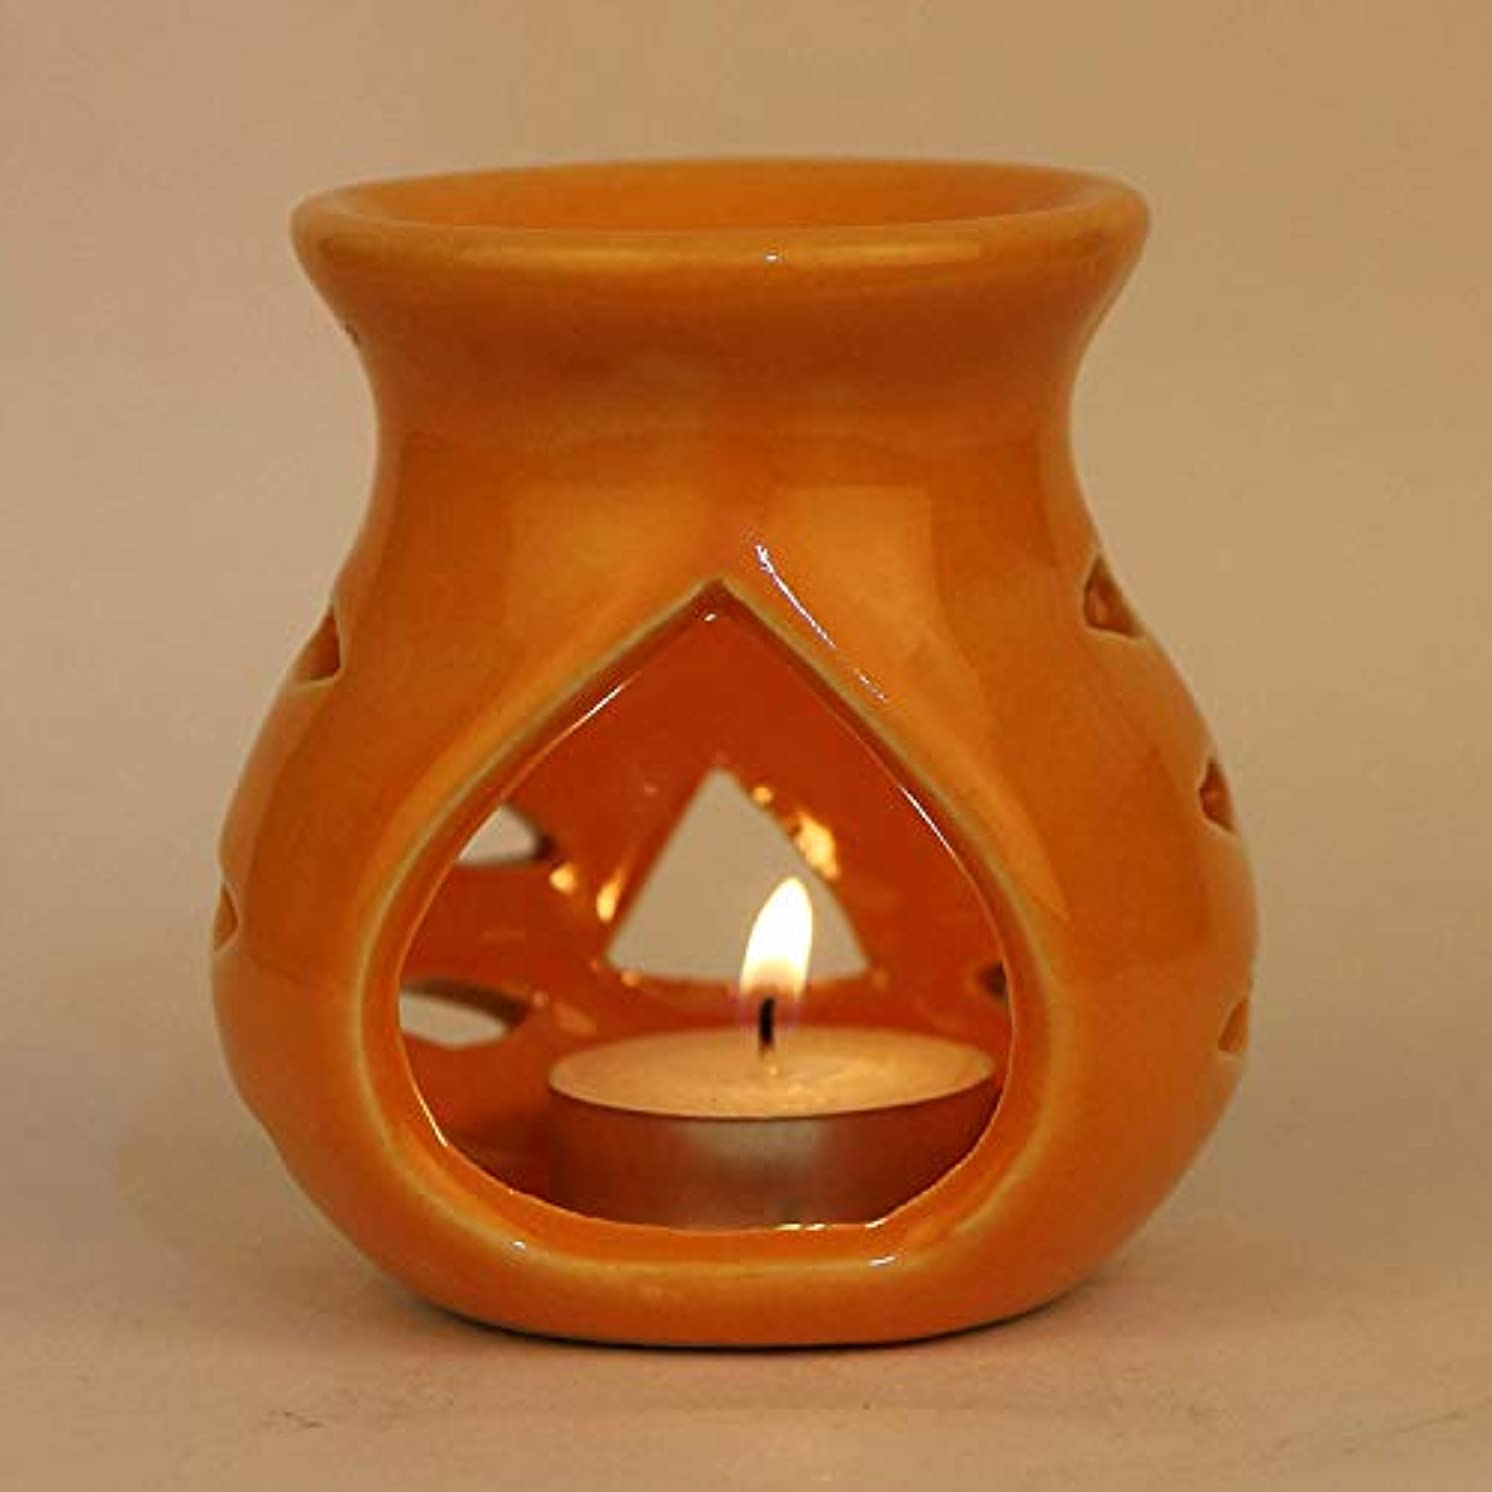 スキャンダル繁栄Pure Source India Ceramic Aroma Burner Clay Lamp,3 x4 (Orange)